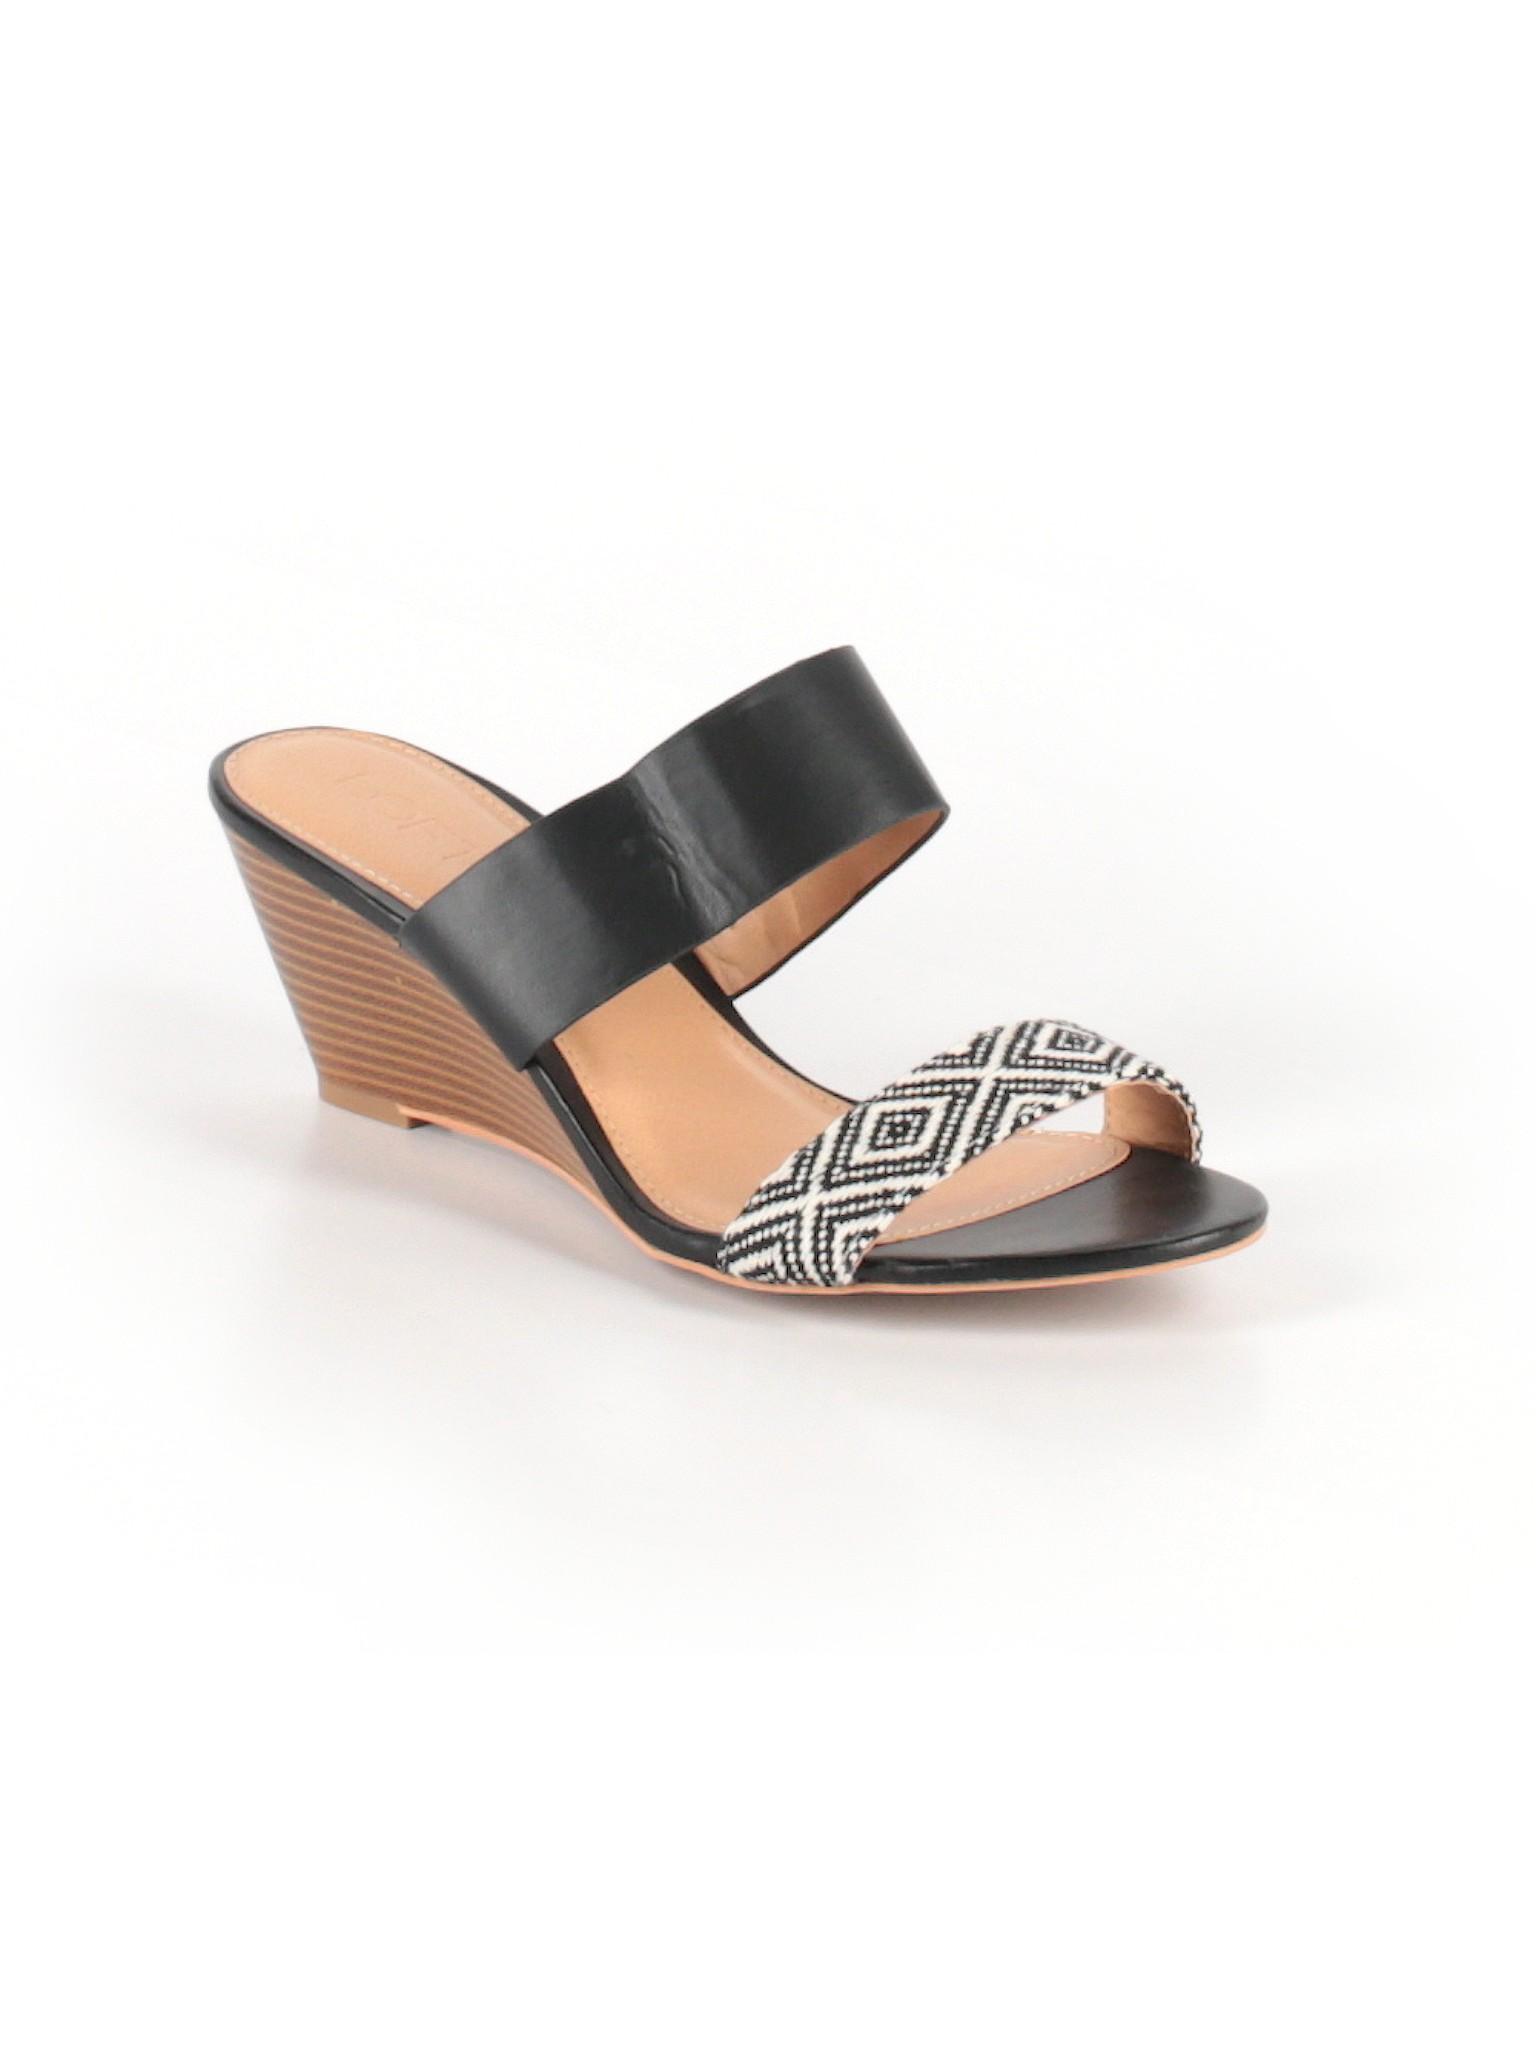 Boutique Taylor Wedges promotion LOFT Ann 7Fn7rq